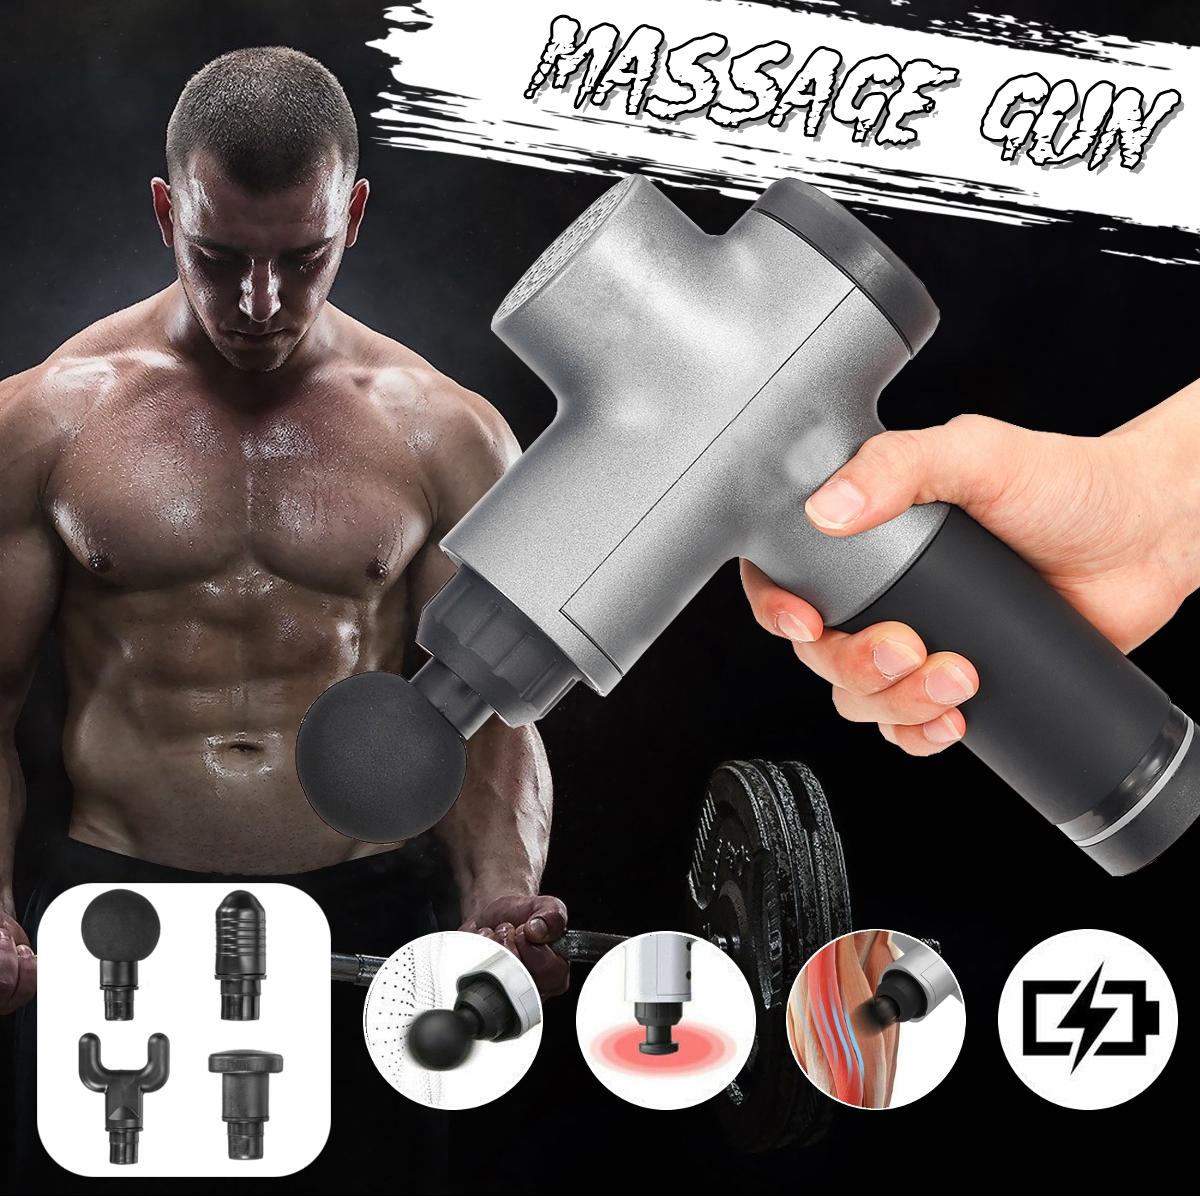 1500 мАч мышечной релаксации 3 скорости электрический массажер ударный массаж глубокий массажер ткани беспроводное устро - фото 5